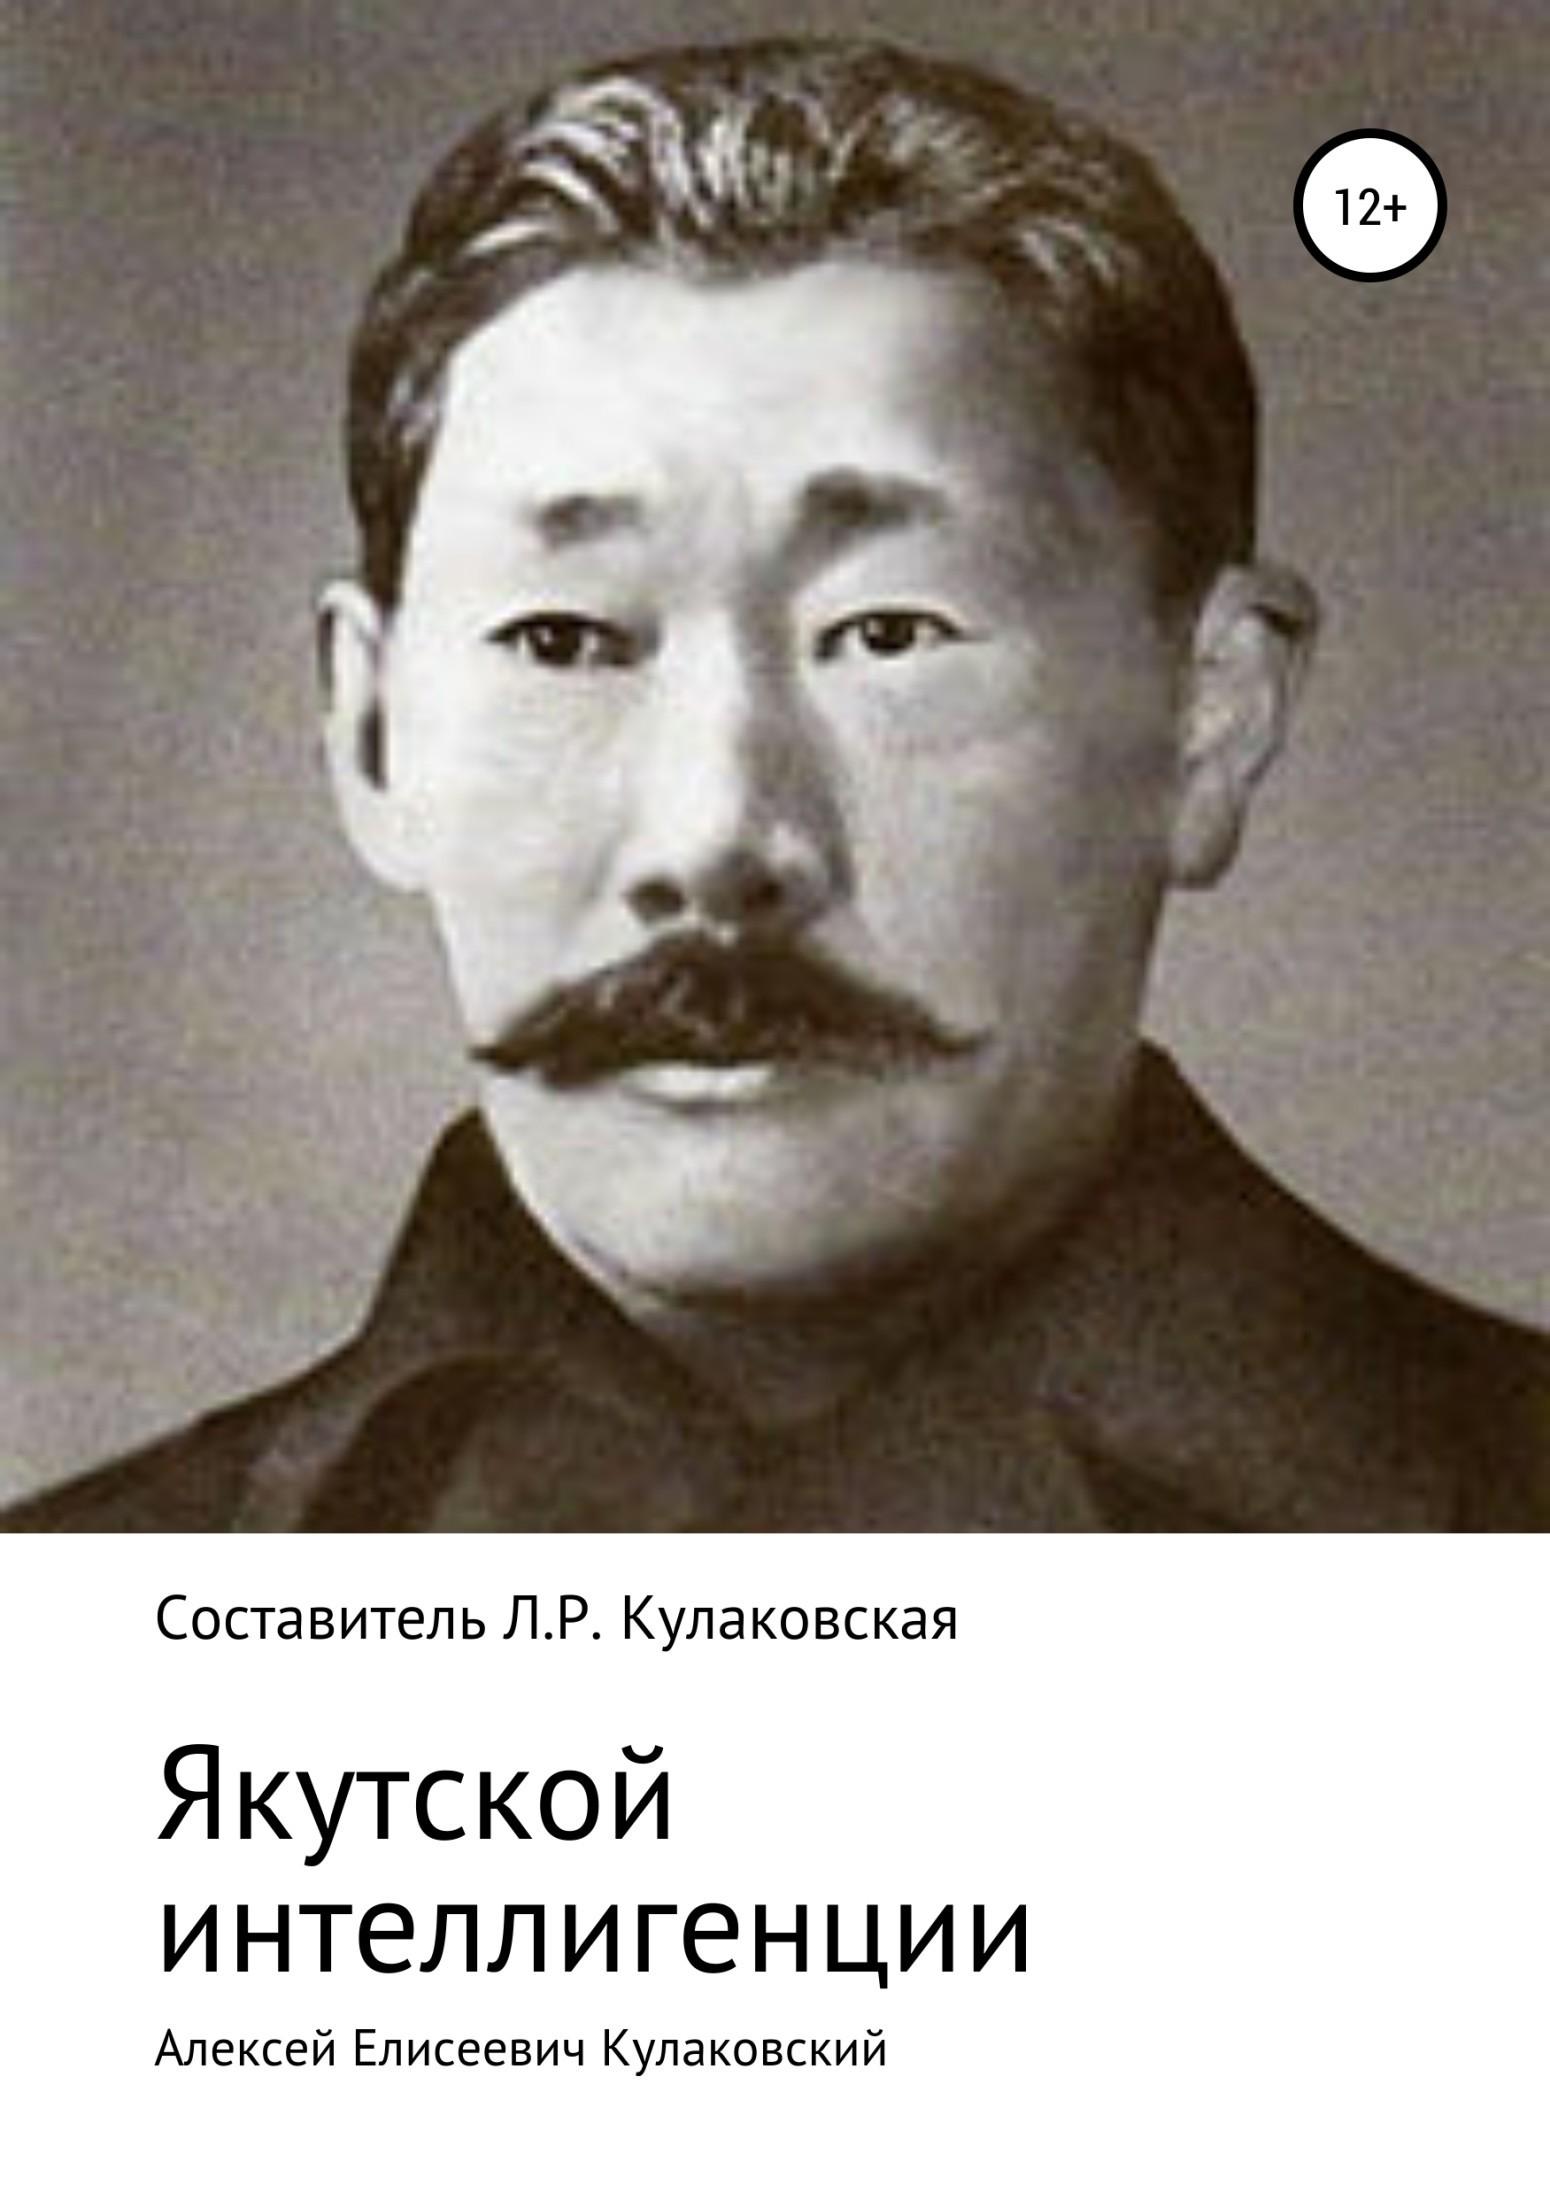 Людмила Реасовна Кулаковская Алексей Елисеевич Кулаковский. Якутской интеллигенции